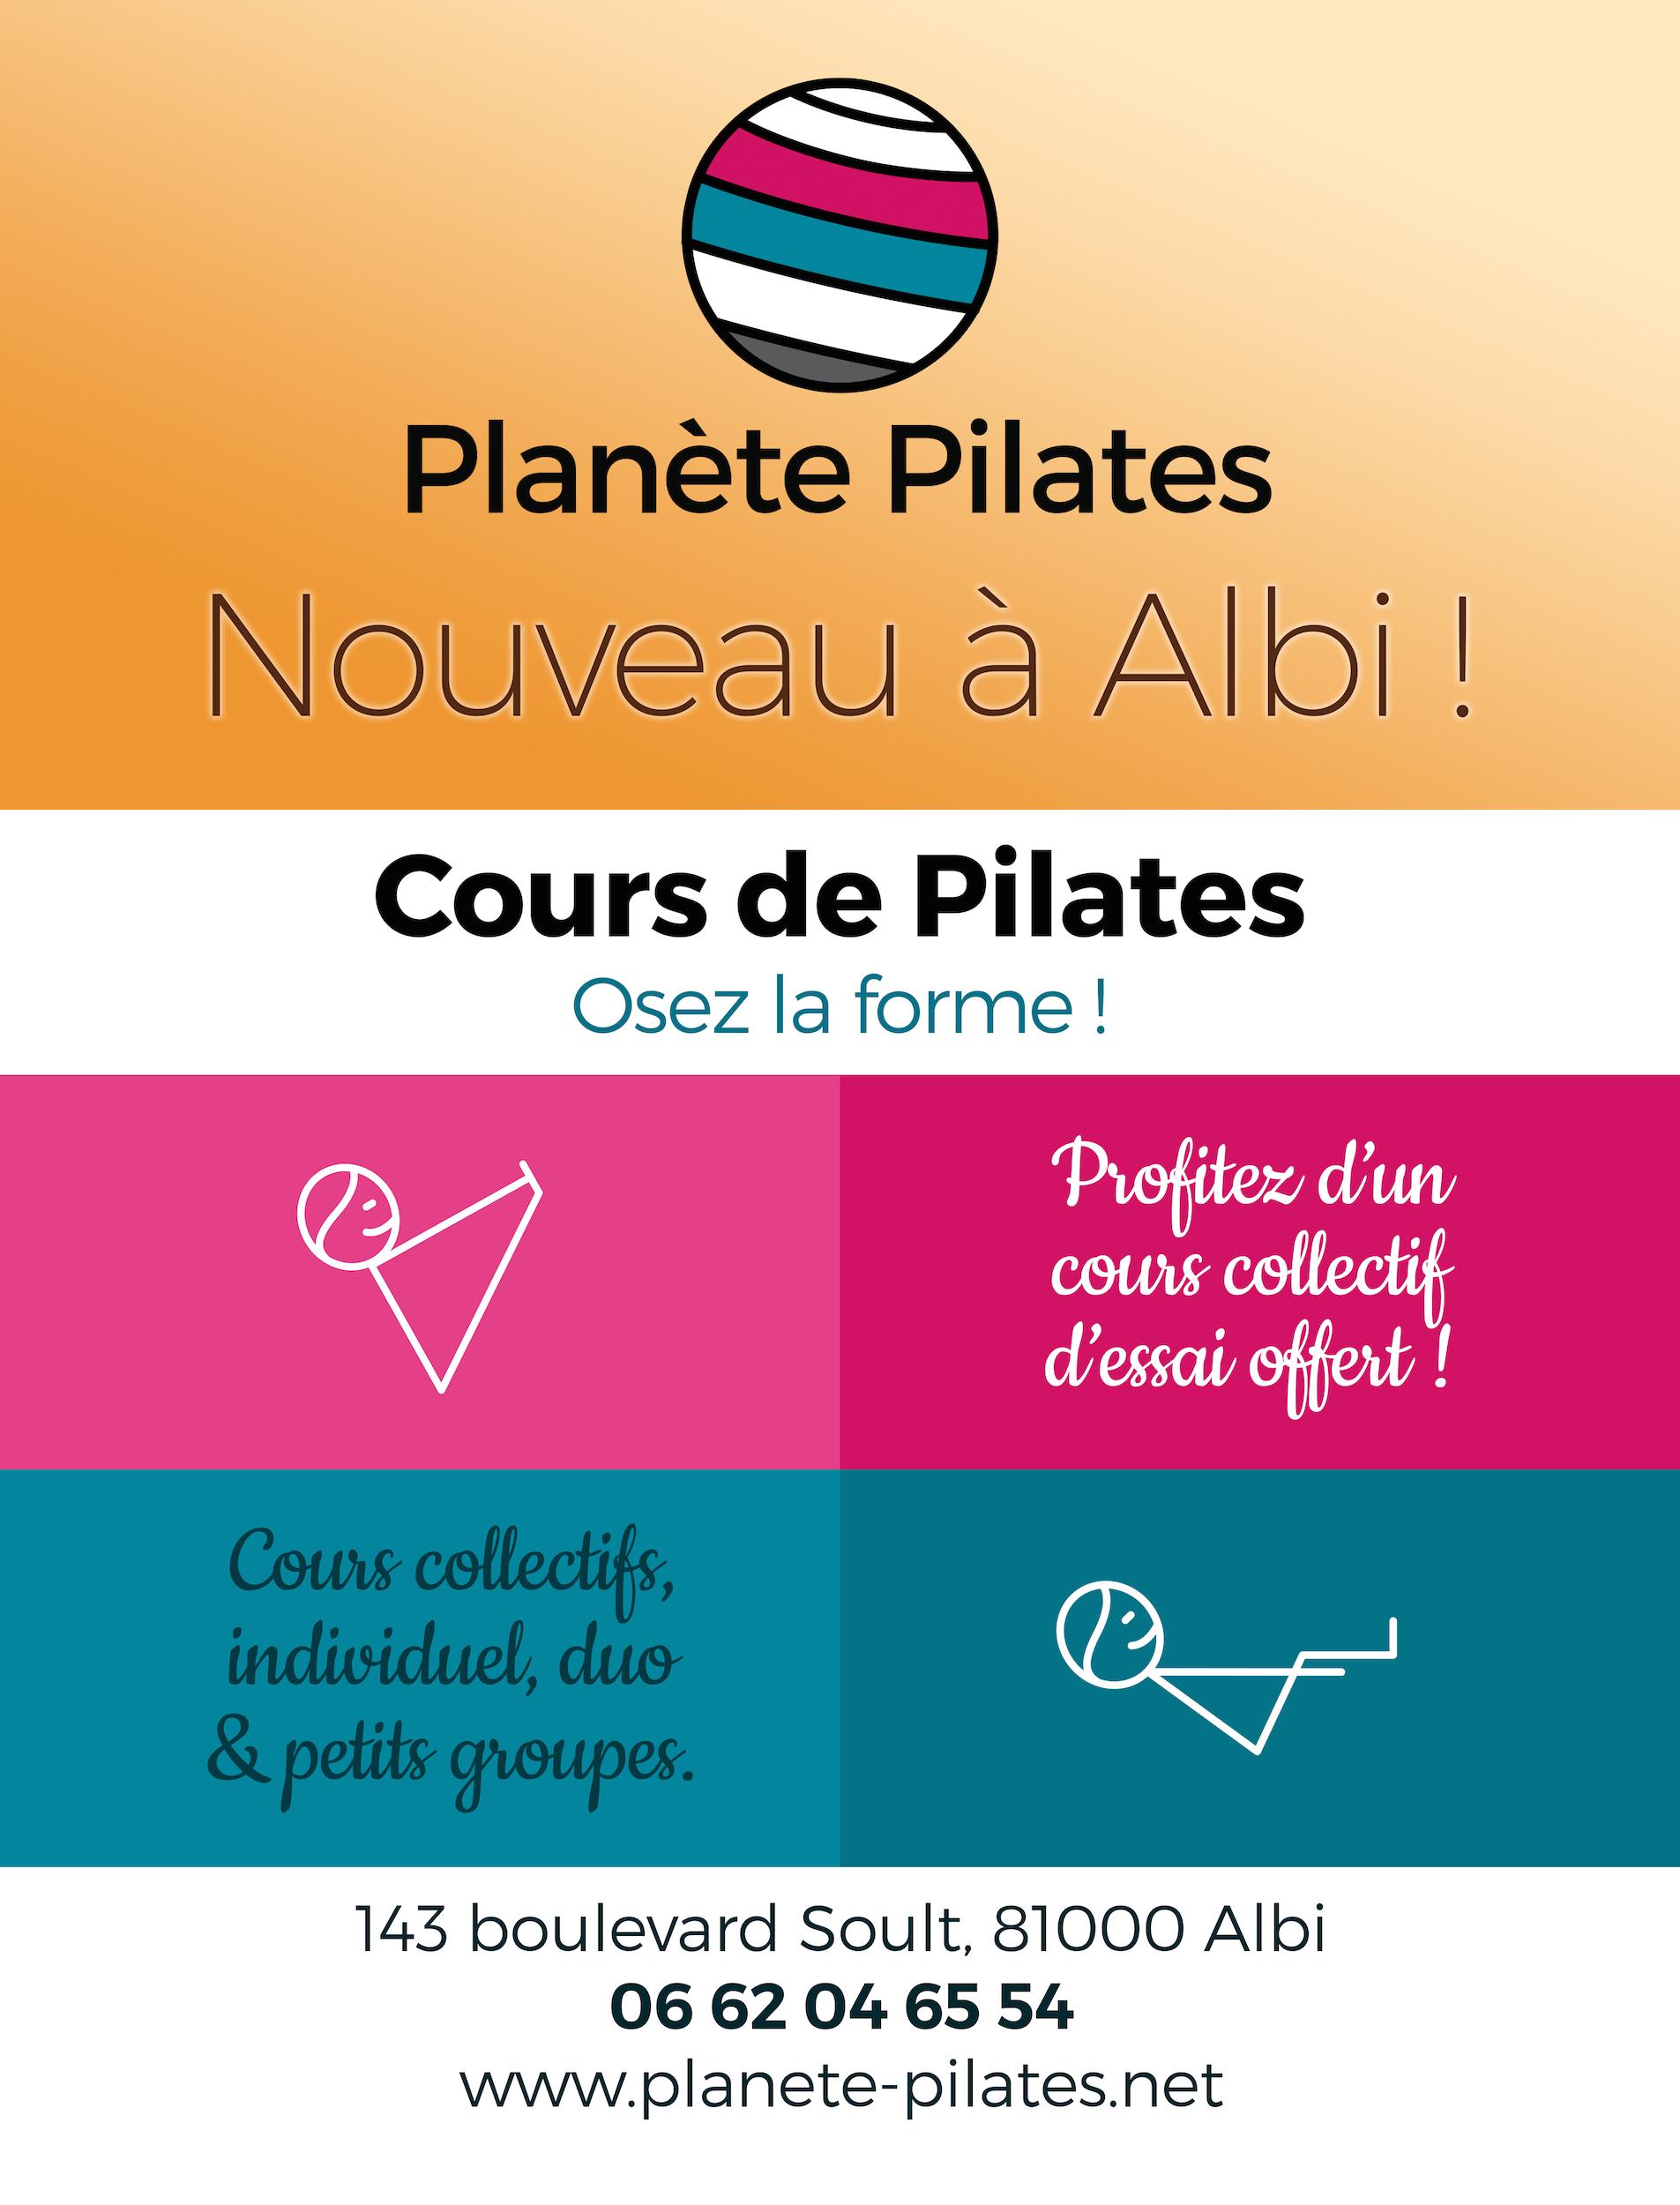 Affiche Planète Pilates